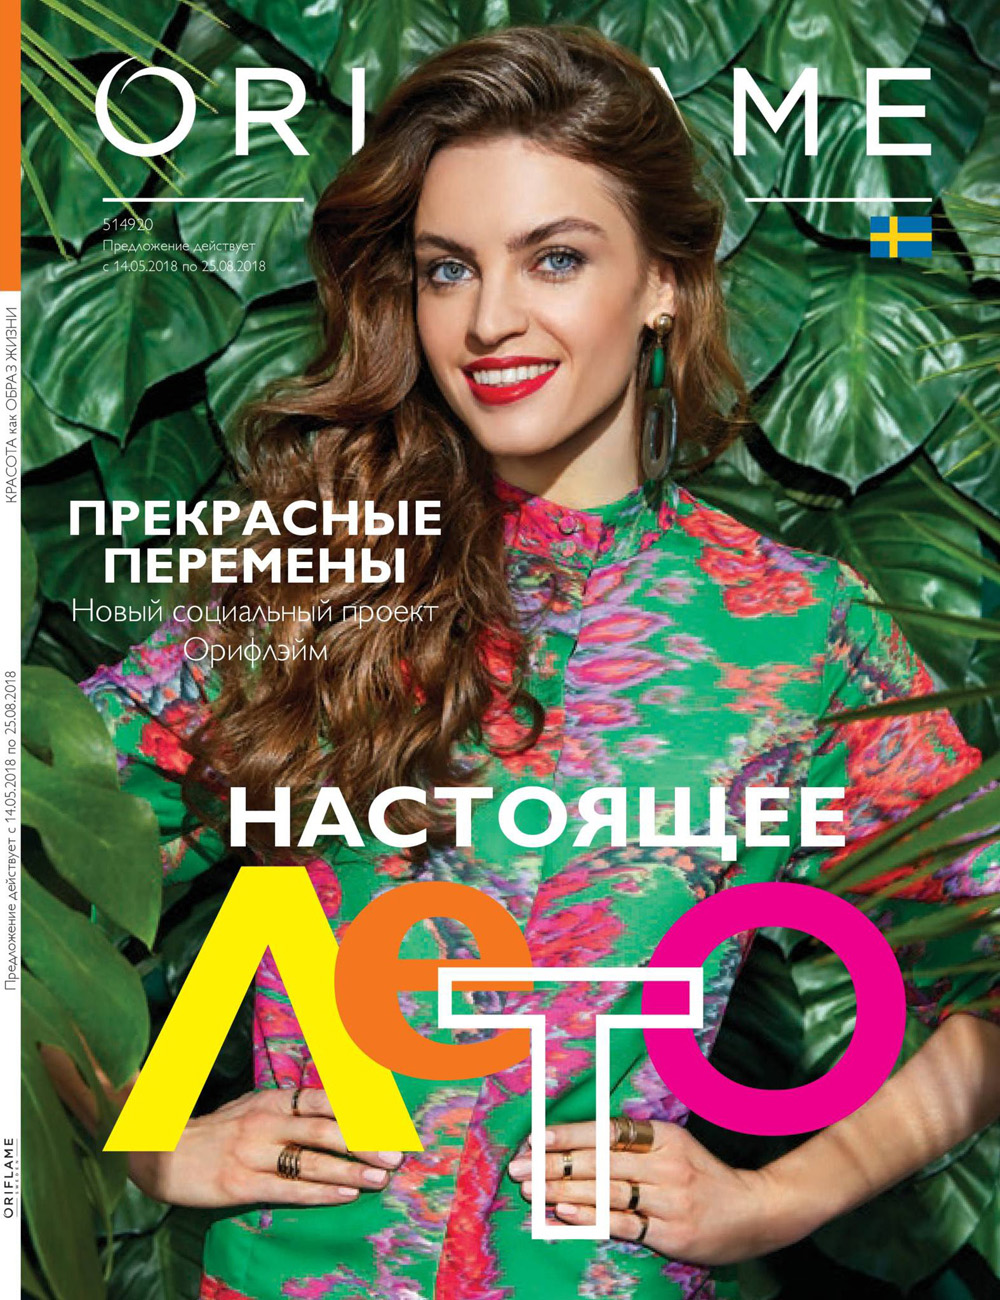 Старица 1, книга красоты Орифлейм Лето 2018, Россия